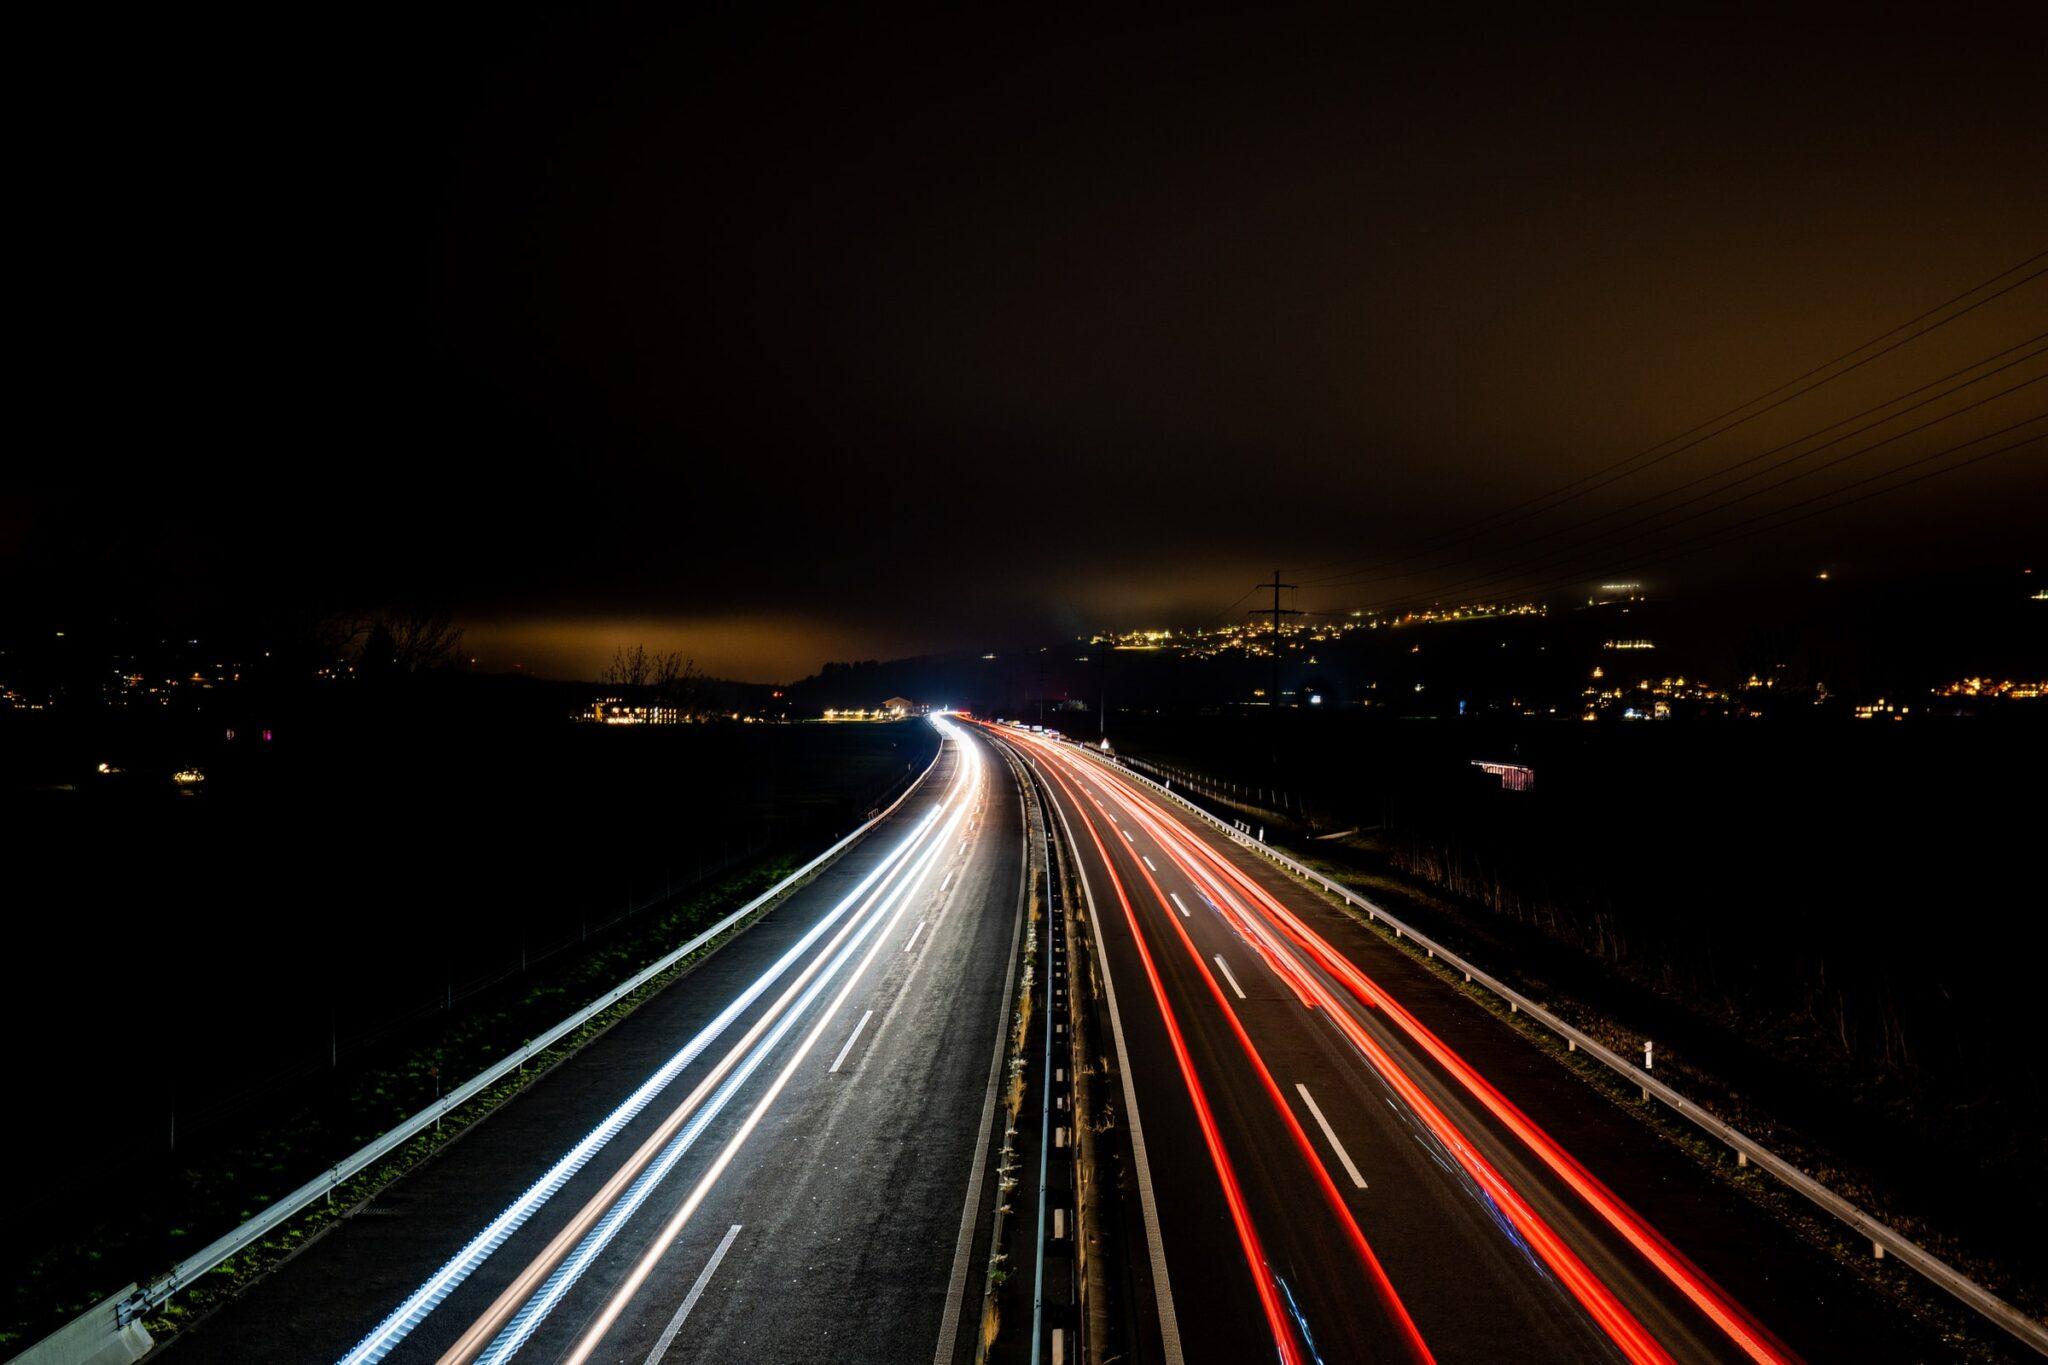 Nächtliche Strasse mit Lichtspuren der Autos von einer Brücke aus betrachtet